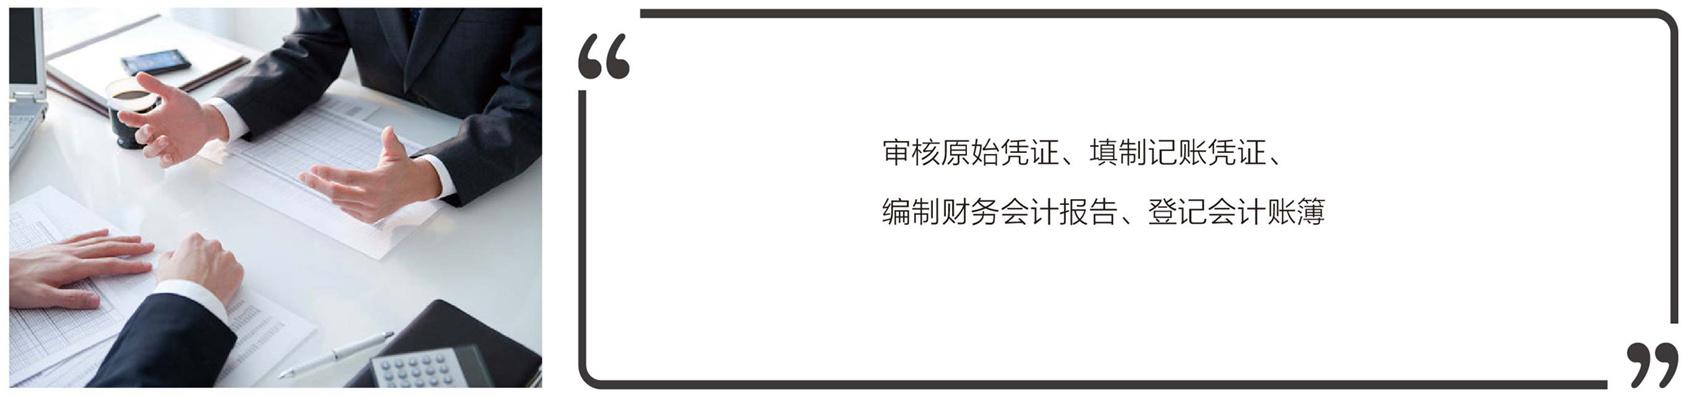 财政买单-01_03.jpg